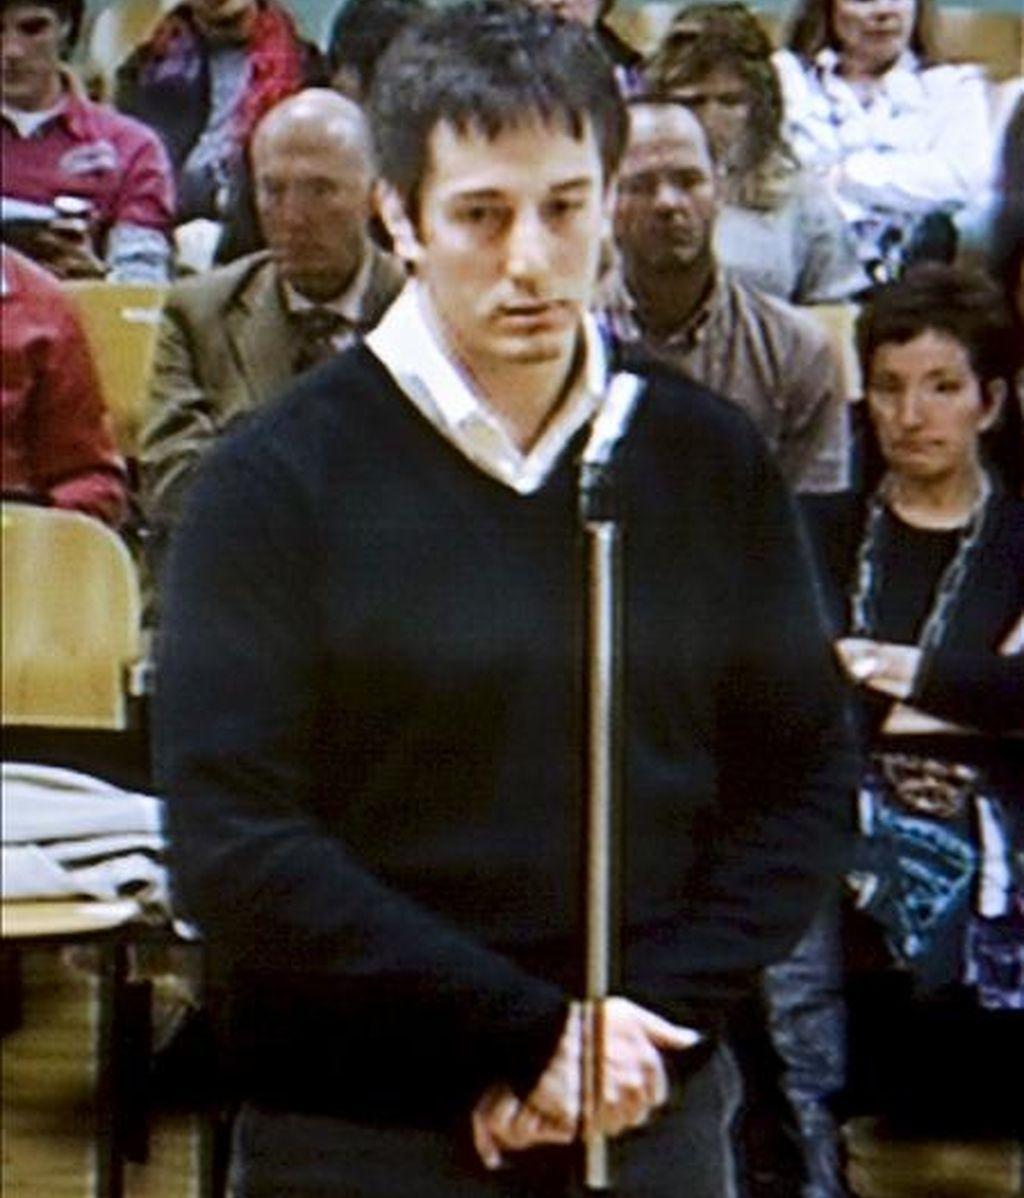 """Imagen capturada de la televisión del momento en el que José Diego Yllanes, acusado de asesinar a la joven irundarra Nagore Laffage en los Sanfermines 2008, pide perdón en su declaración final, a la víctima, a su familia y a toda la sociedad, """"con la que me siento en deuda"""". EFE"""